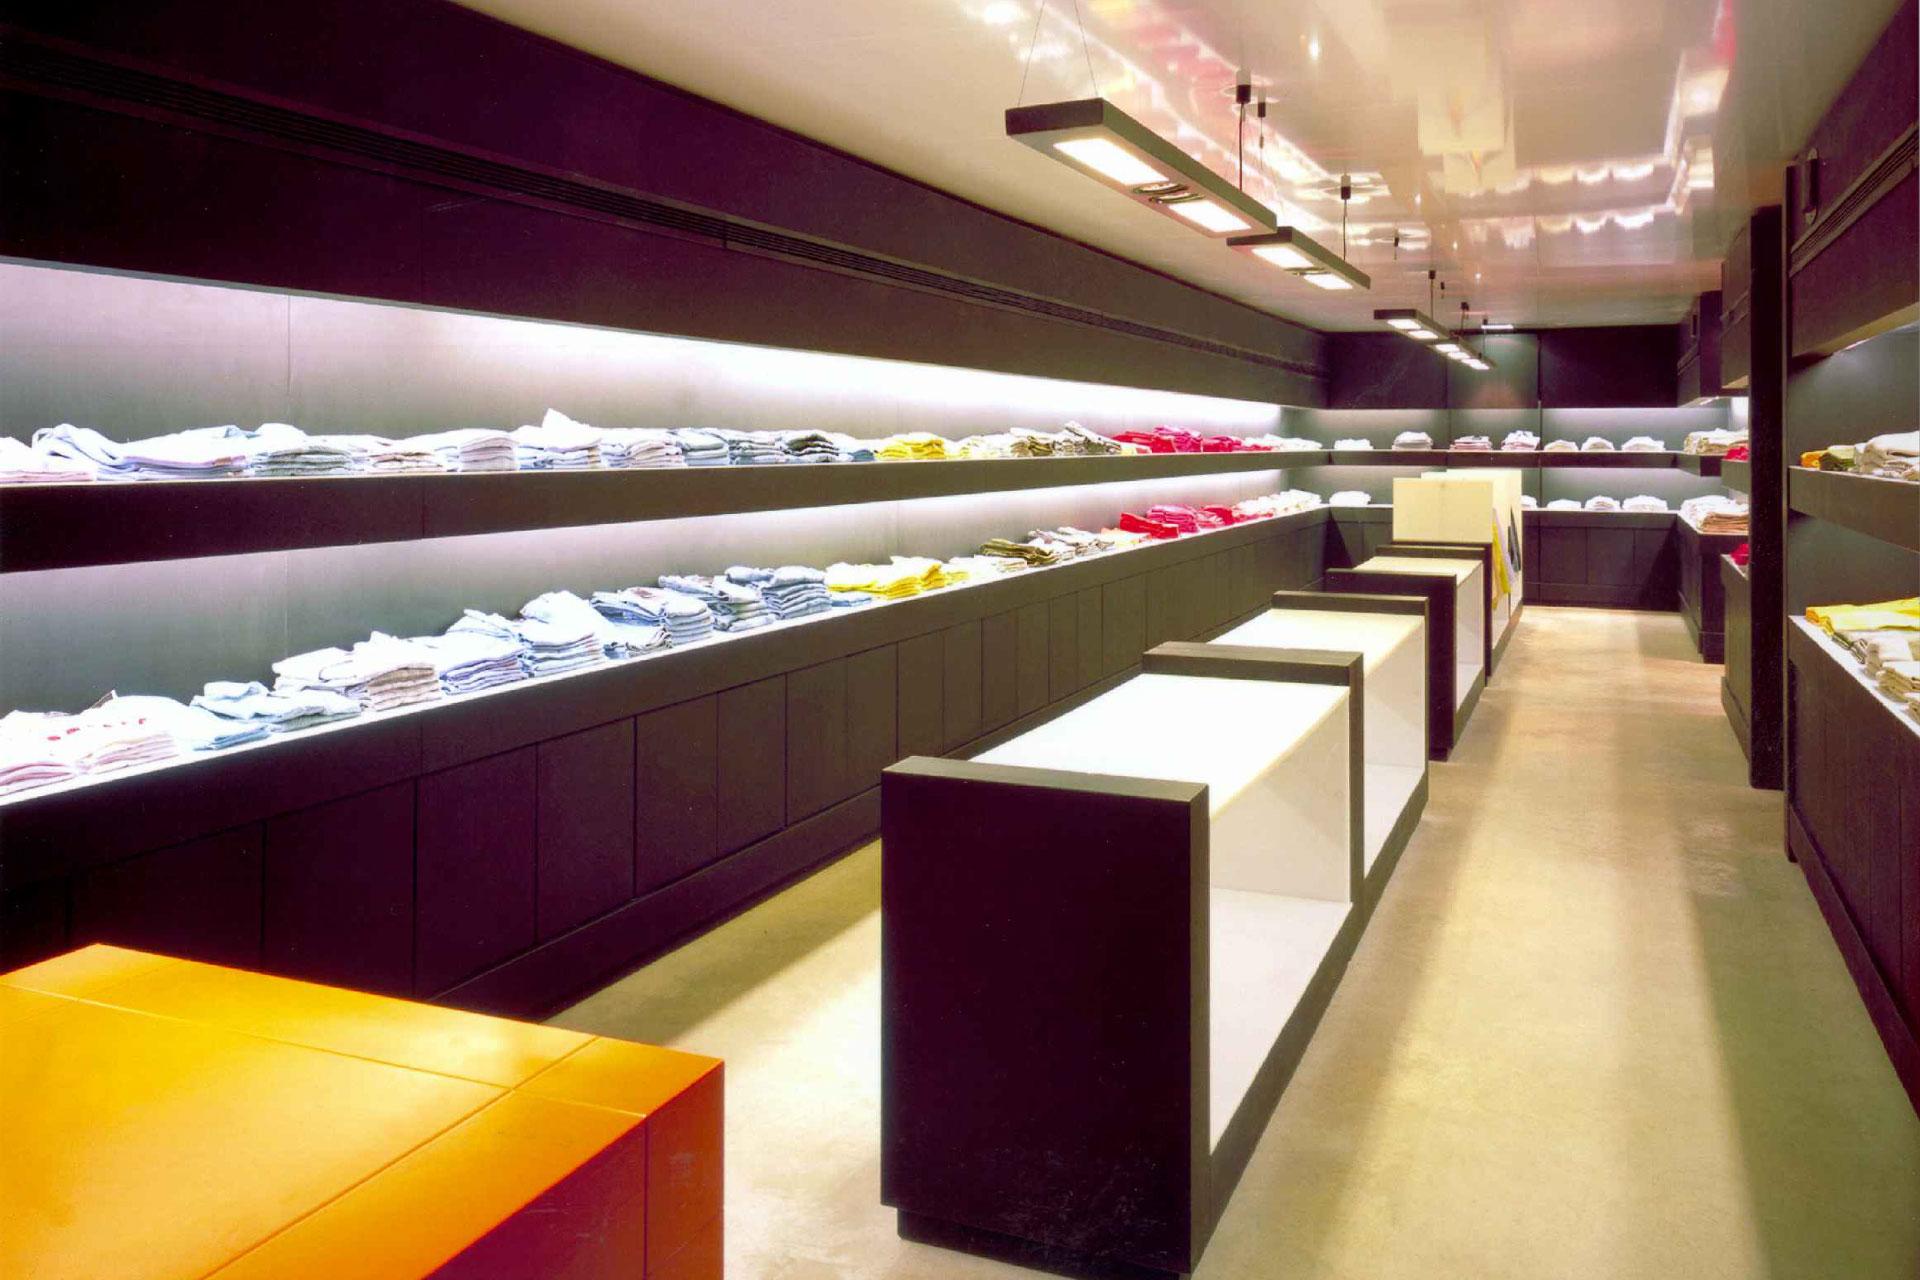 Interiorismo franquicia de tiendas de ropa West